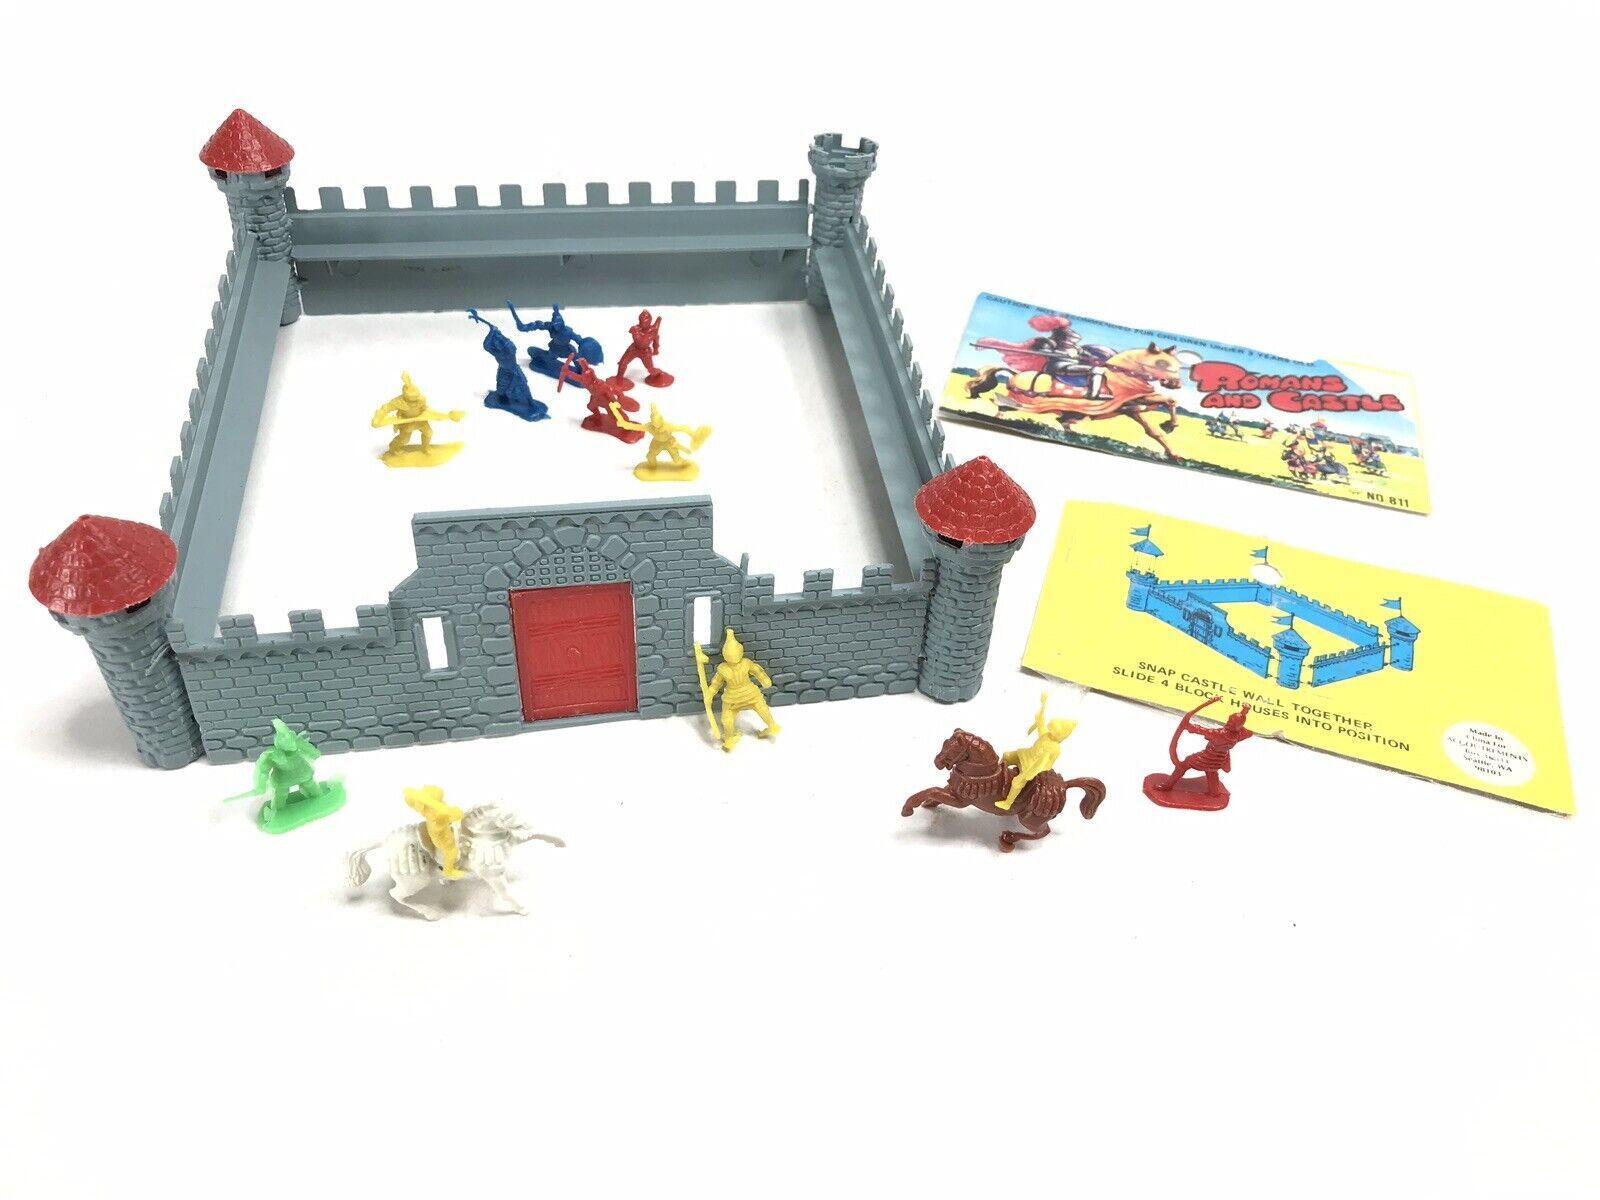 Romanos y Castillo Raro Snap Castle & Guerrero Figura Moldes Accoutrements no 811